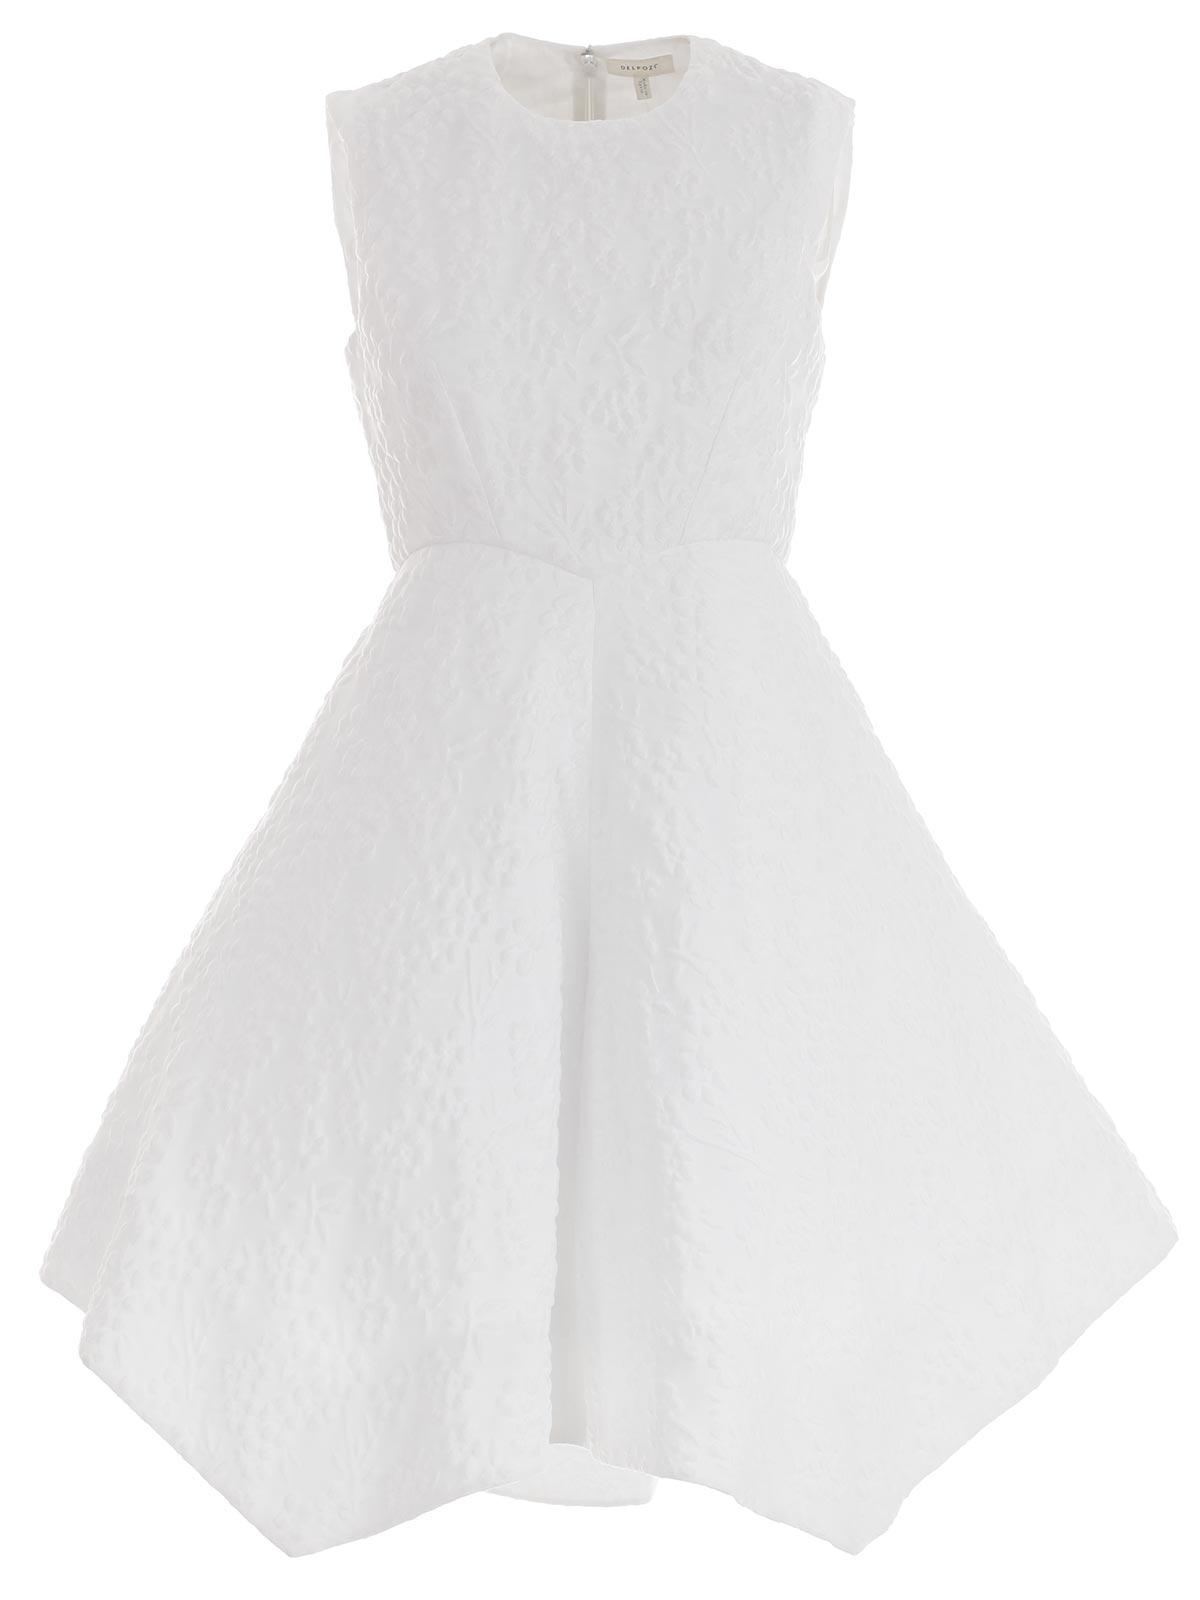 Picture of DELPOZO DRESS